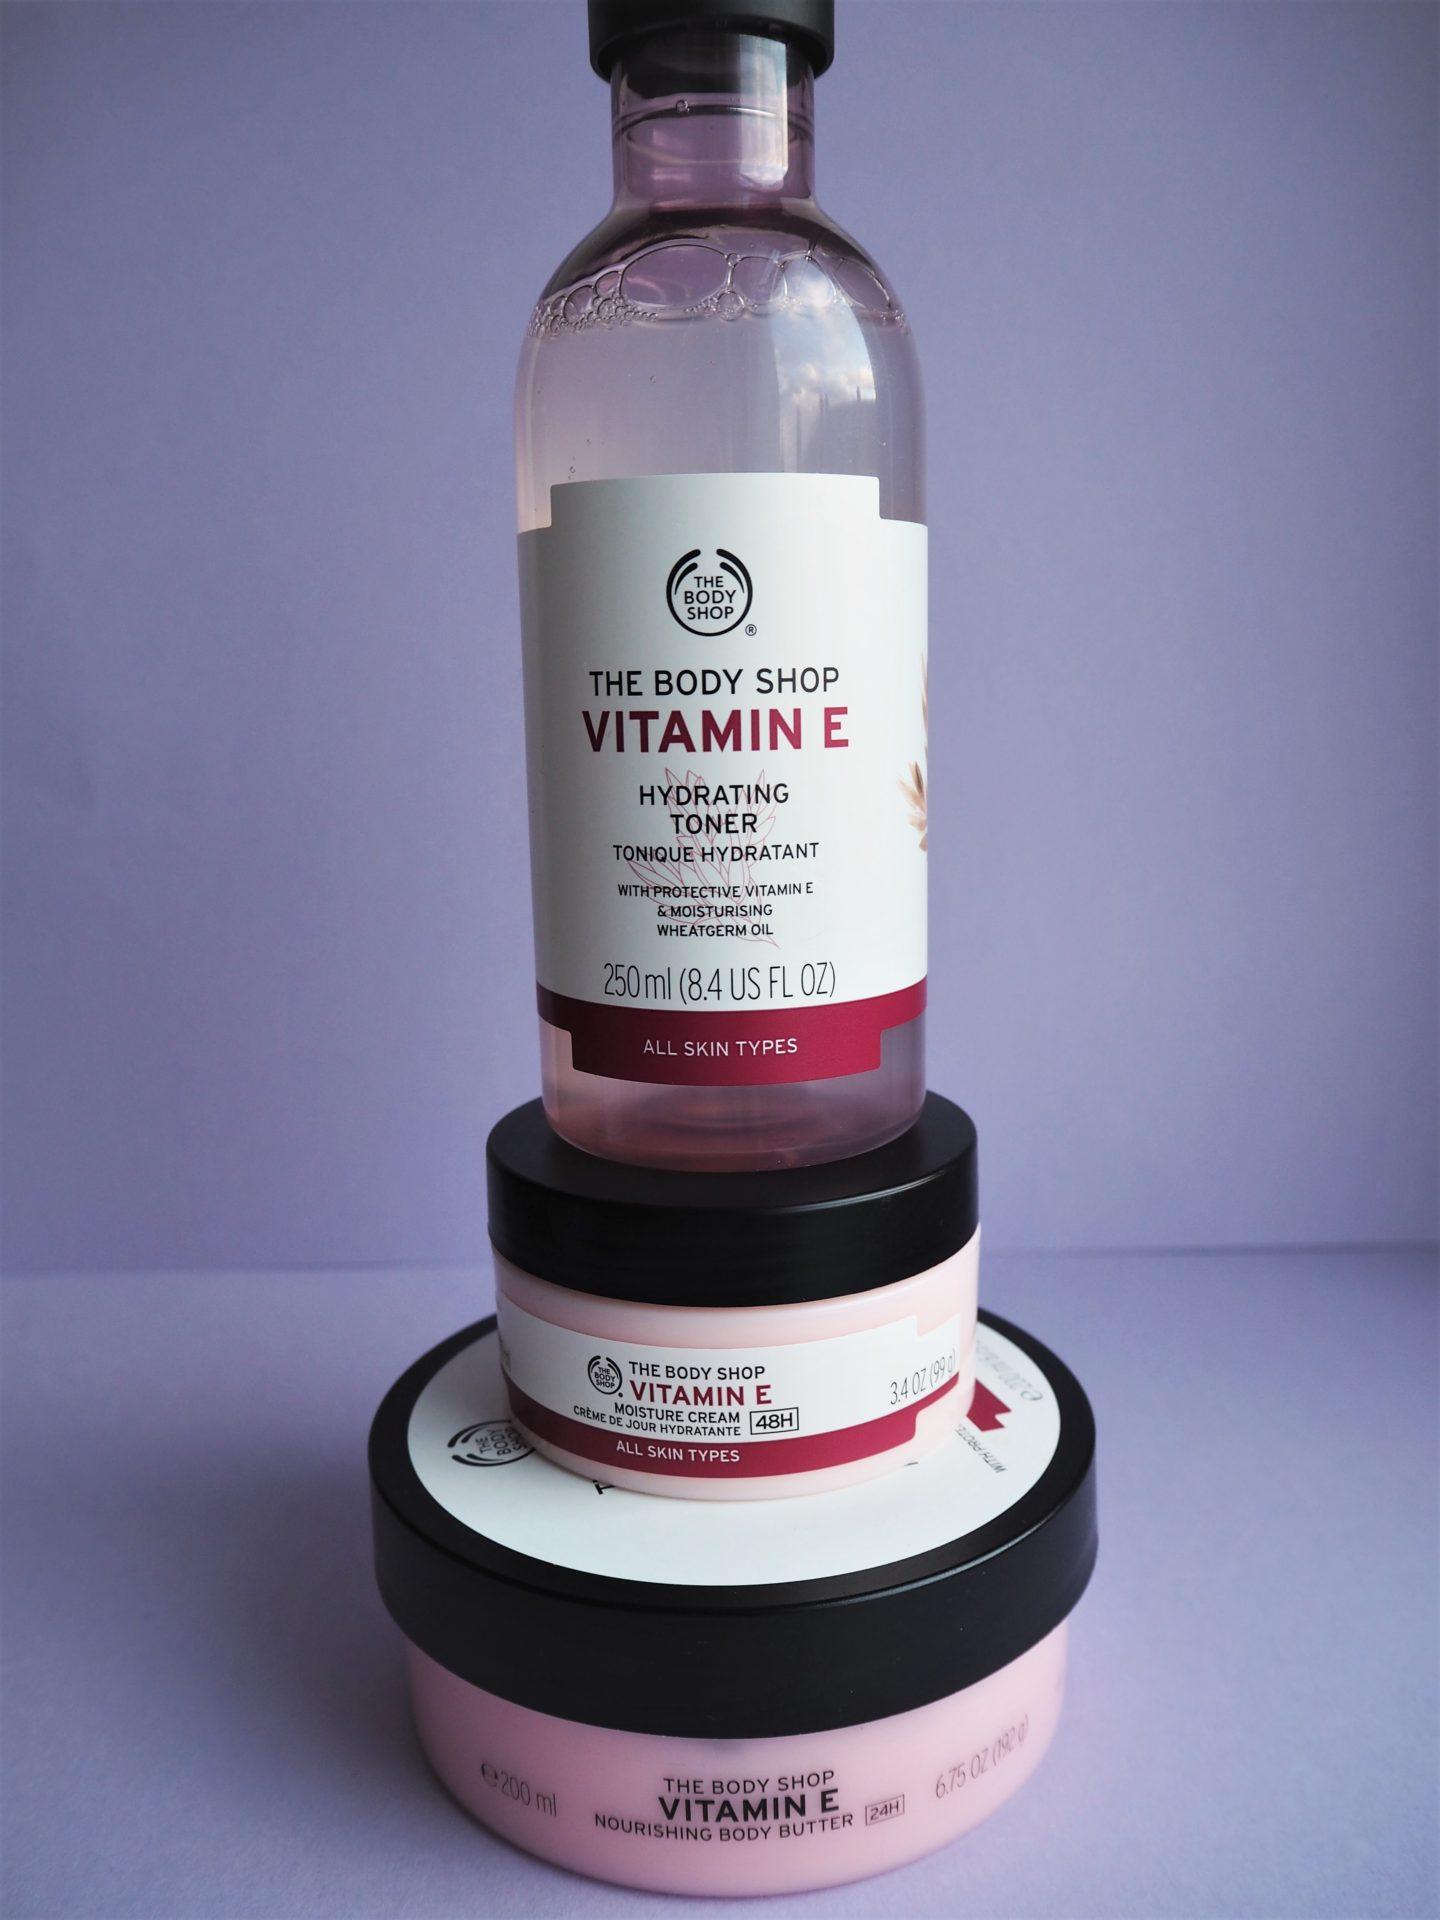 The Vitamin E Range | The Body Shop